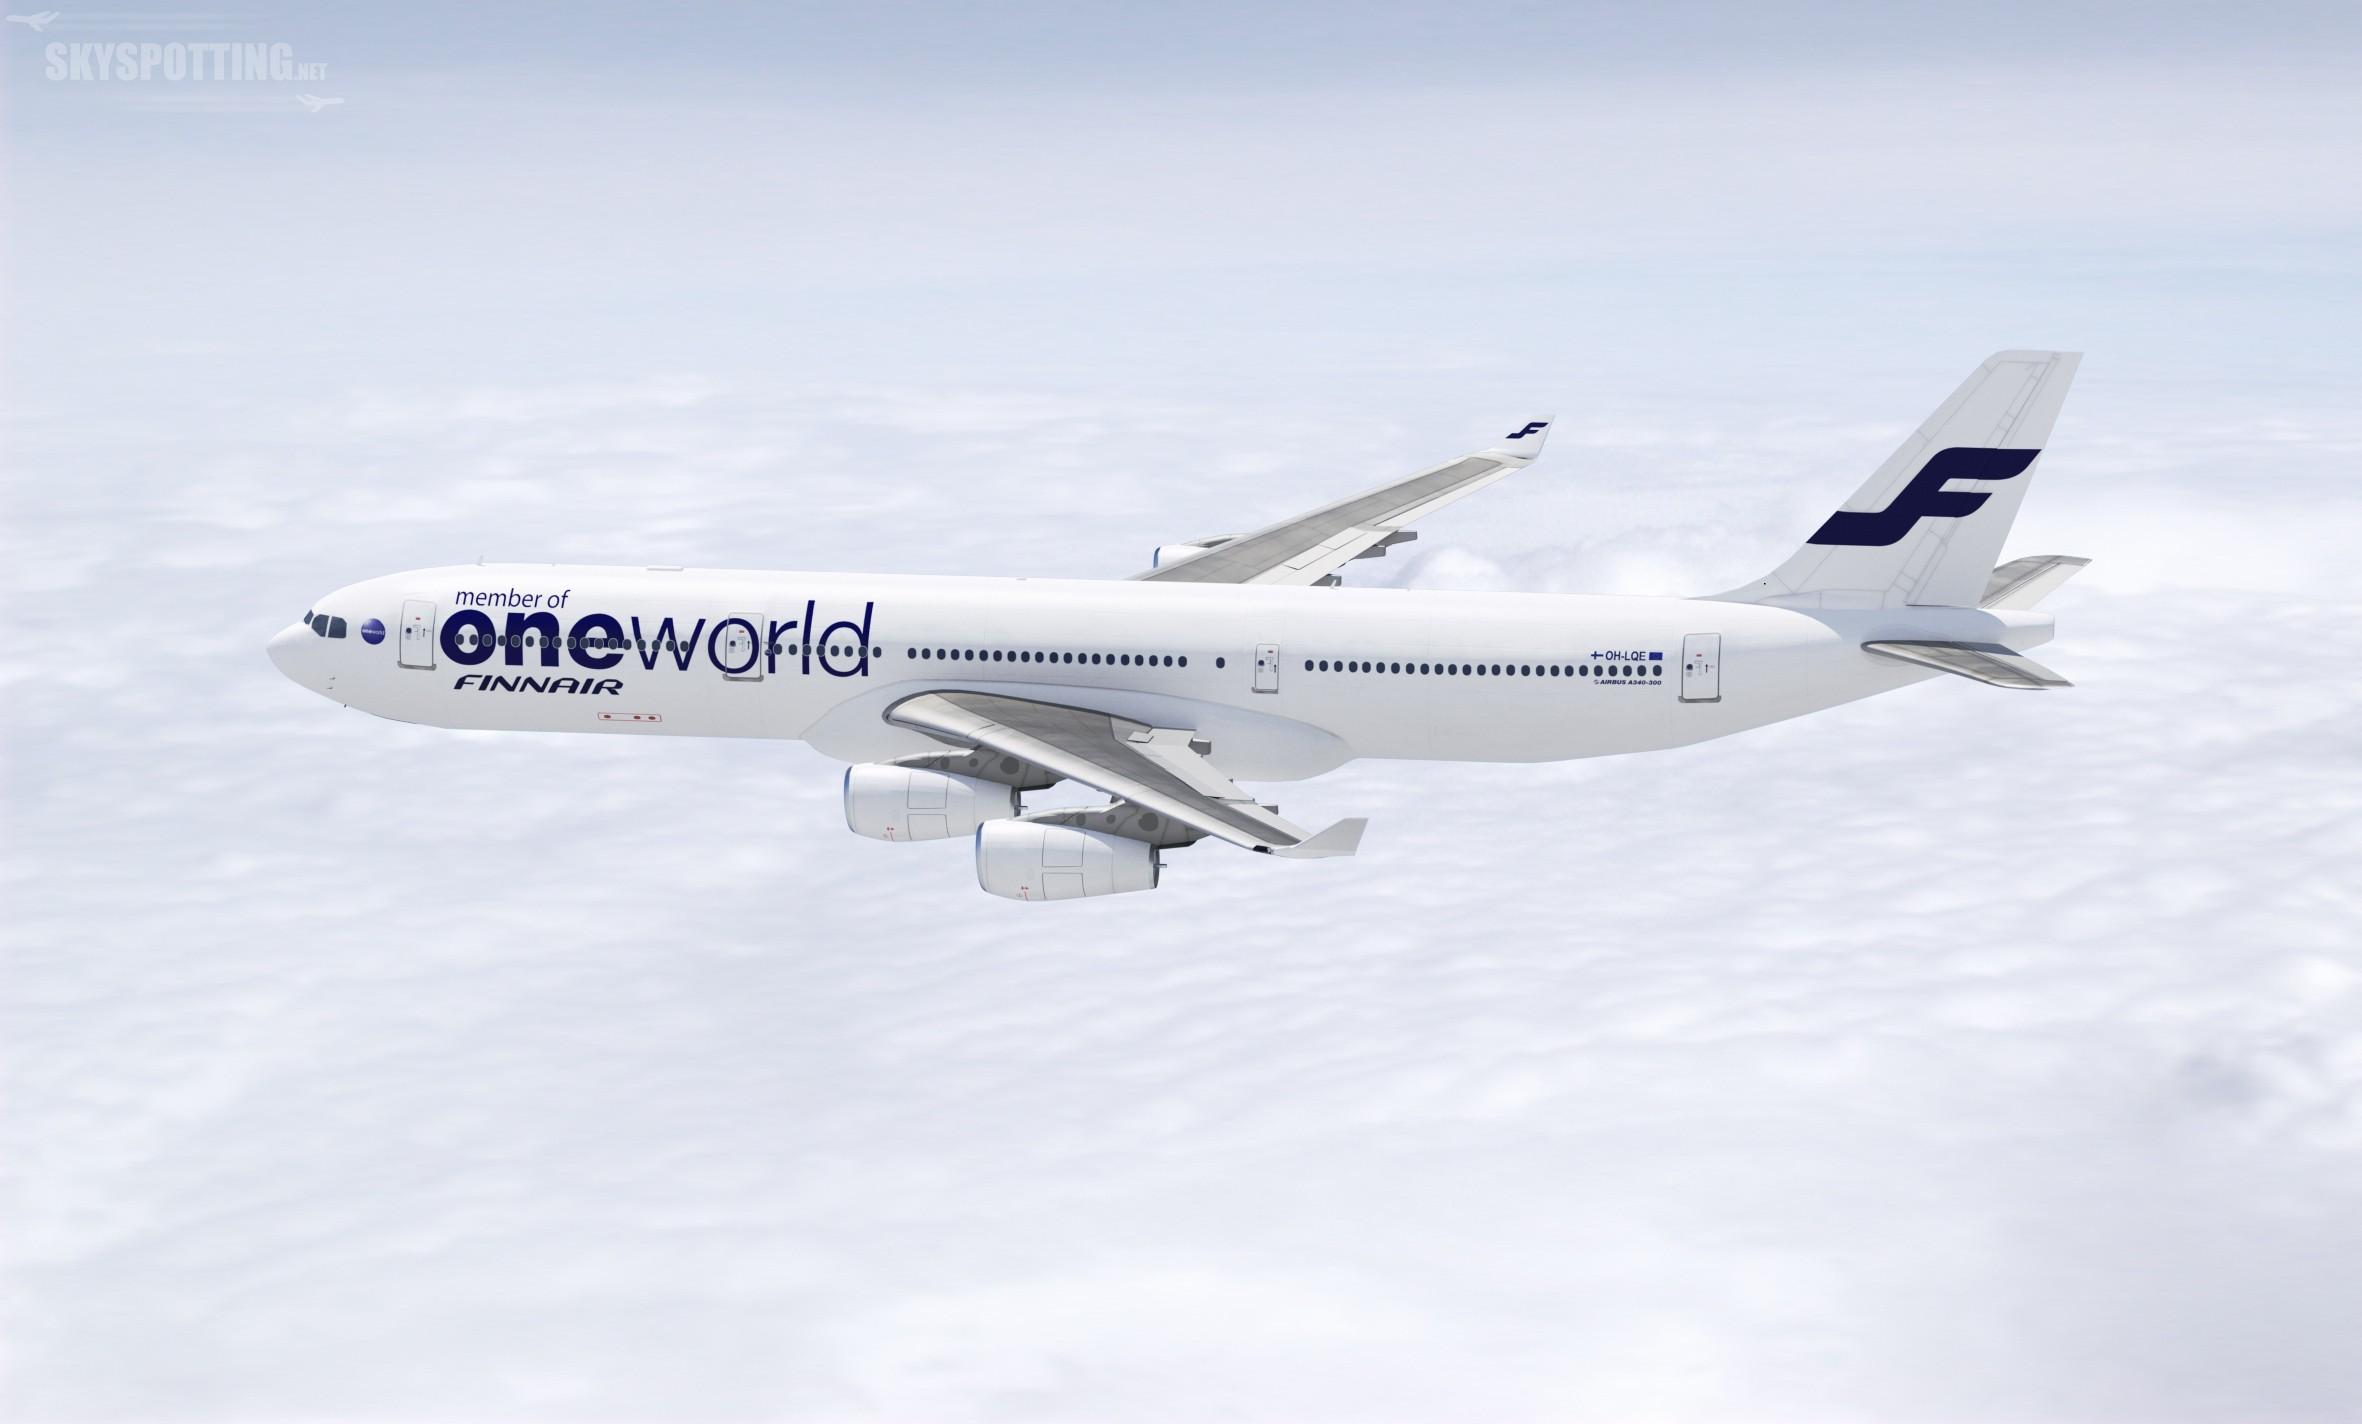 Współpraca Finnair, Japan Airlines i British Airways na lotach pomiędzy Europą i Japonią